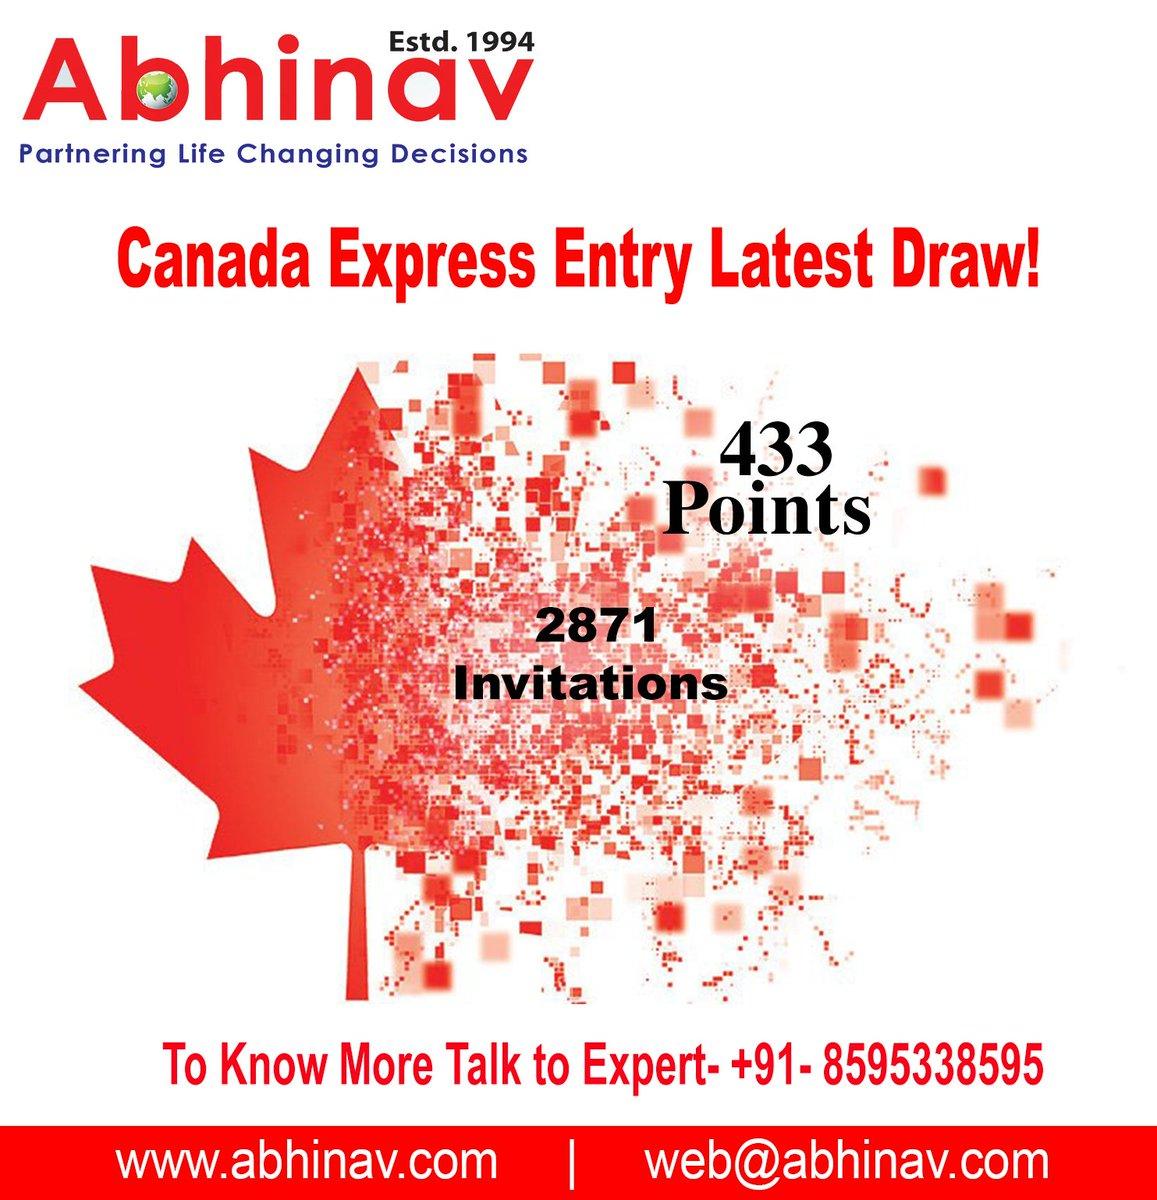 Abhinav Outsourcings on Twitter: